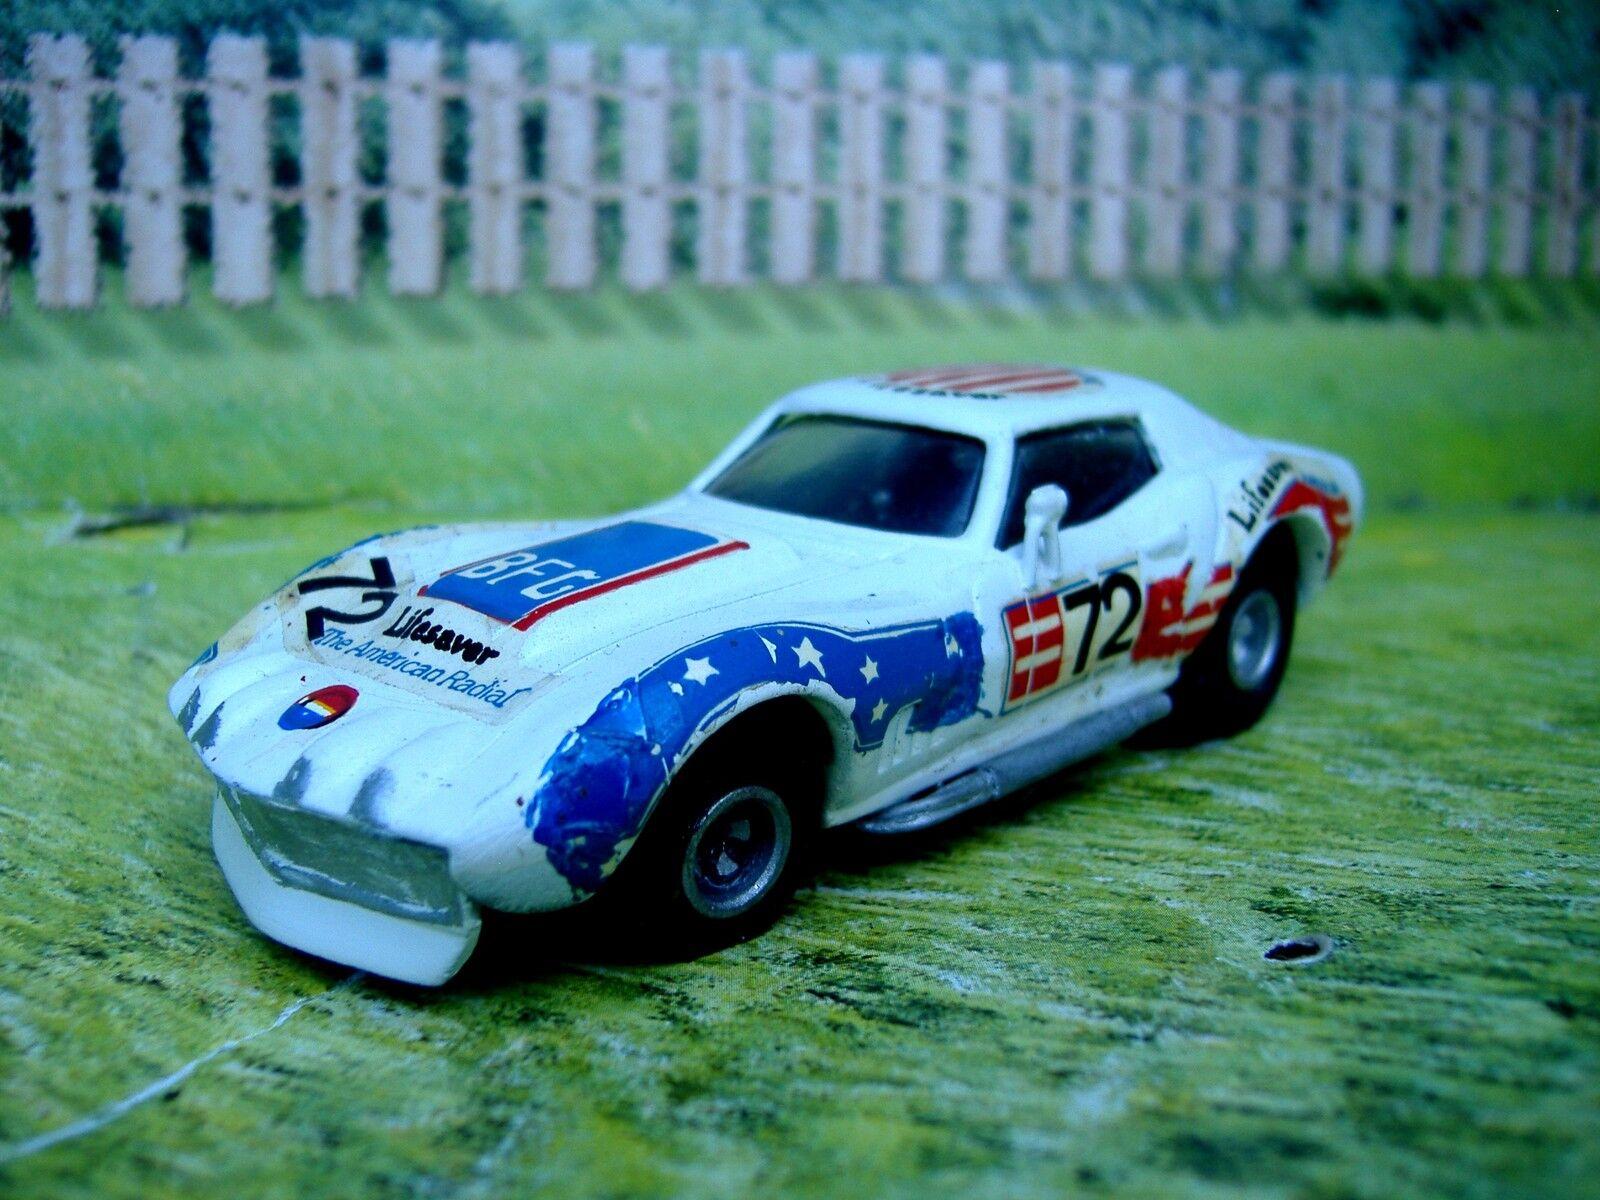 1 43 C scale 001 Chevrolet corvette corvette corvette LM 1972  Handmade White Metal Model Car Kit 9a1d98